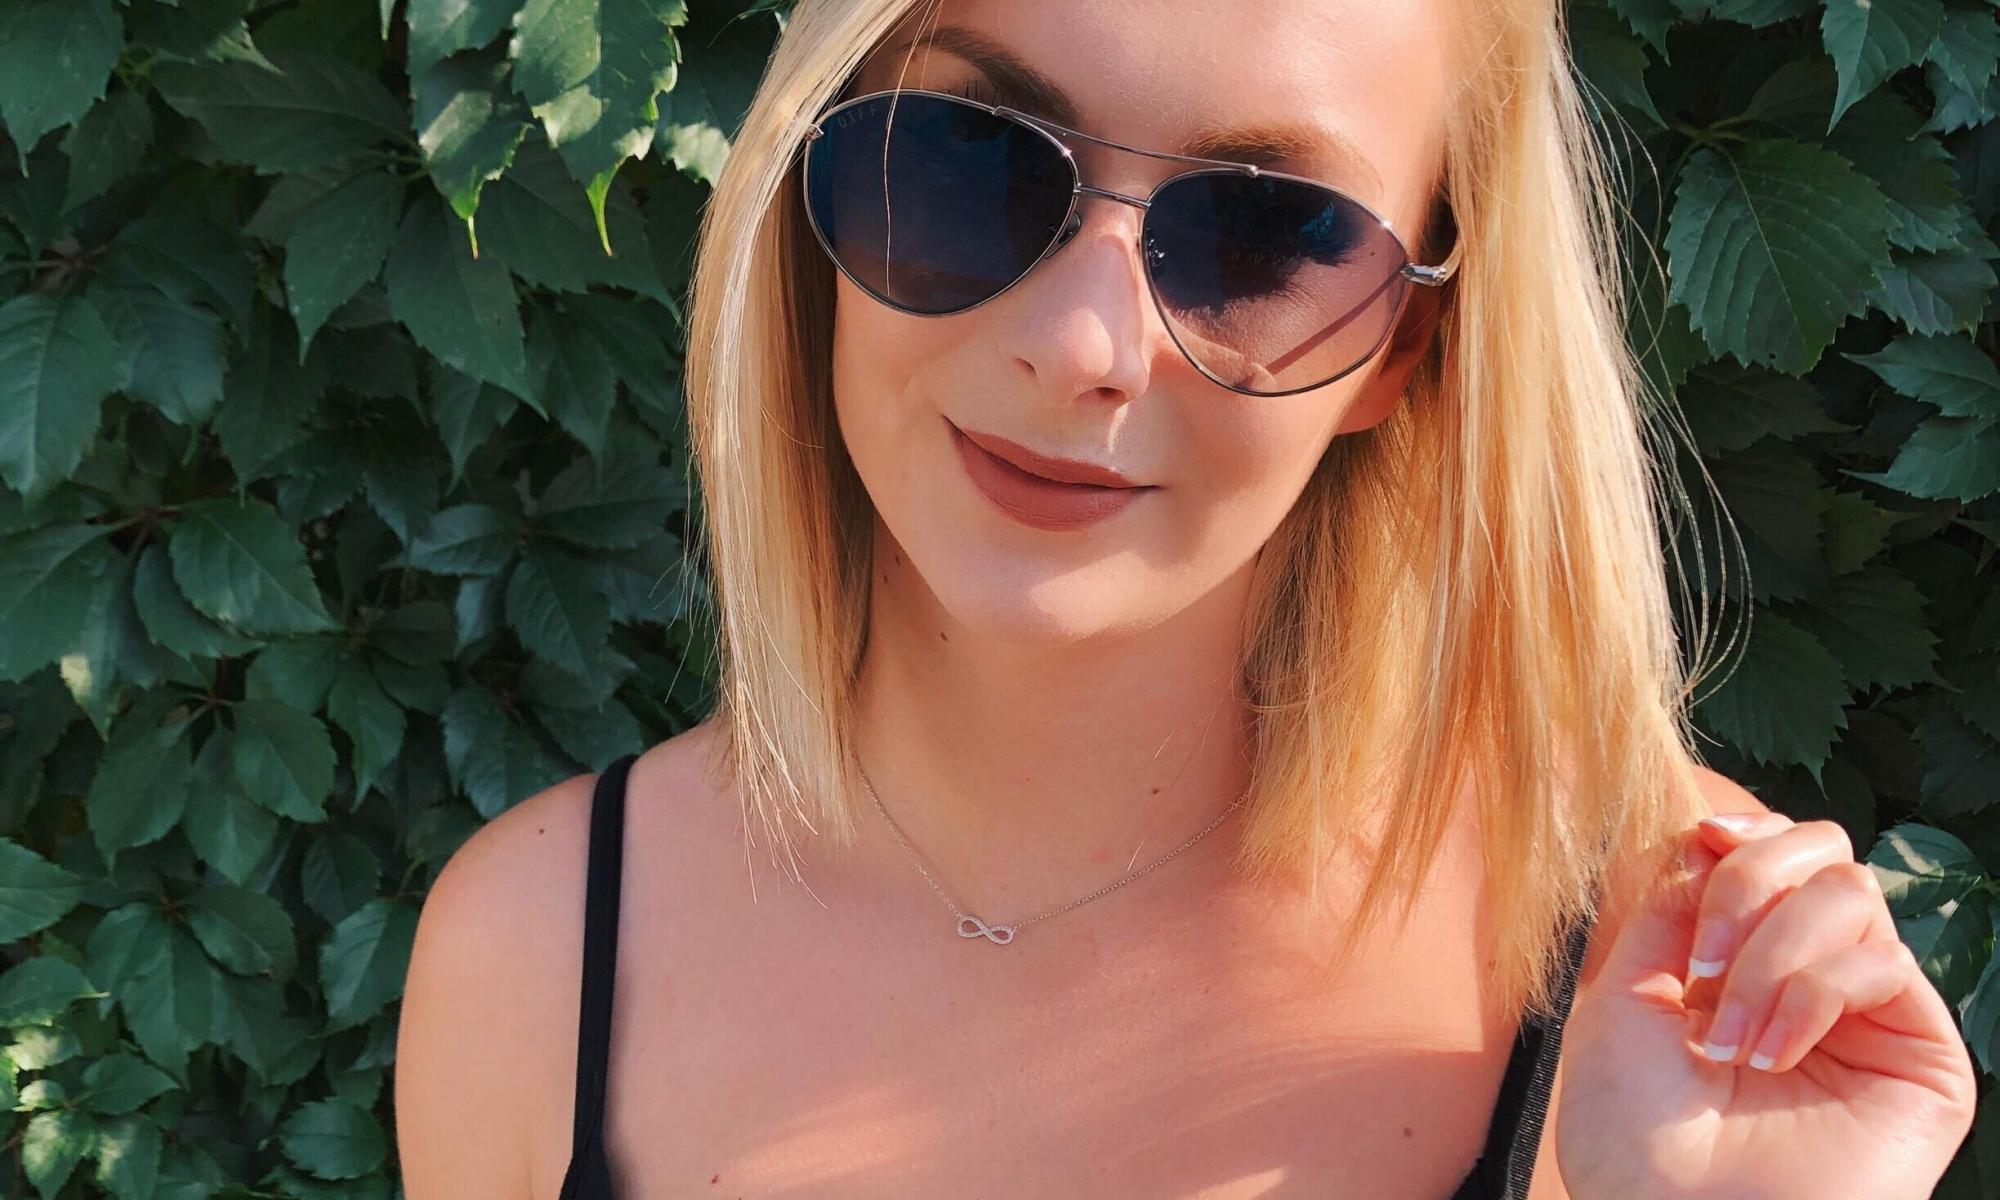 c6695140a8ae6 DIFF Eyewear X Laura Lee – Alyssa Amber